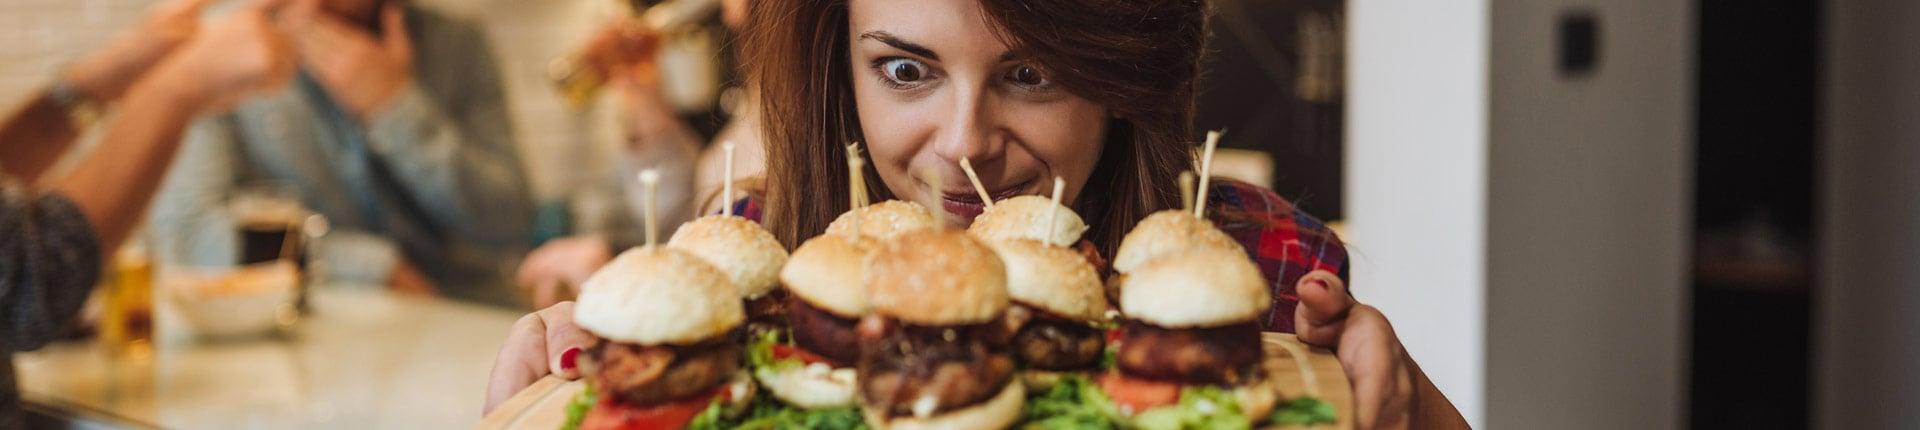 Psychologia jedzenia: Wpływ czynników psychologicznych na to, co i ile jemy.